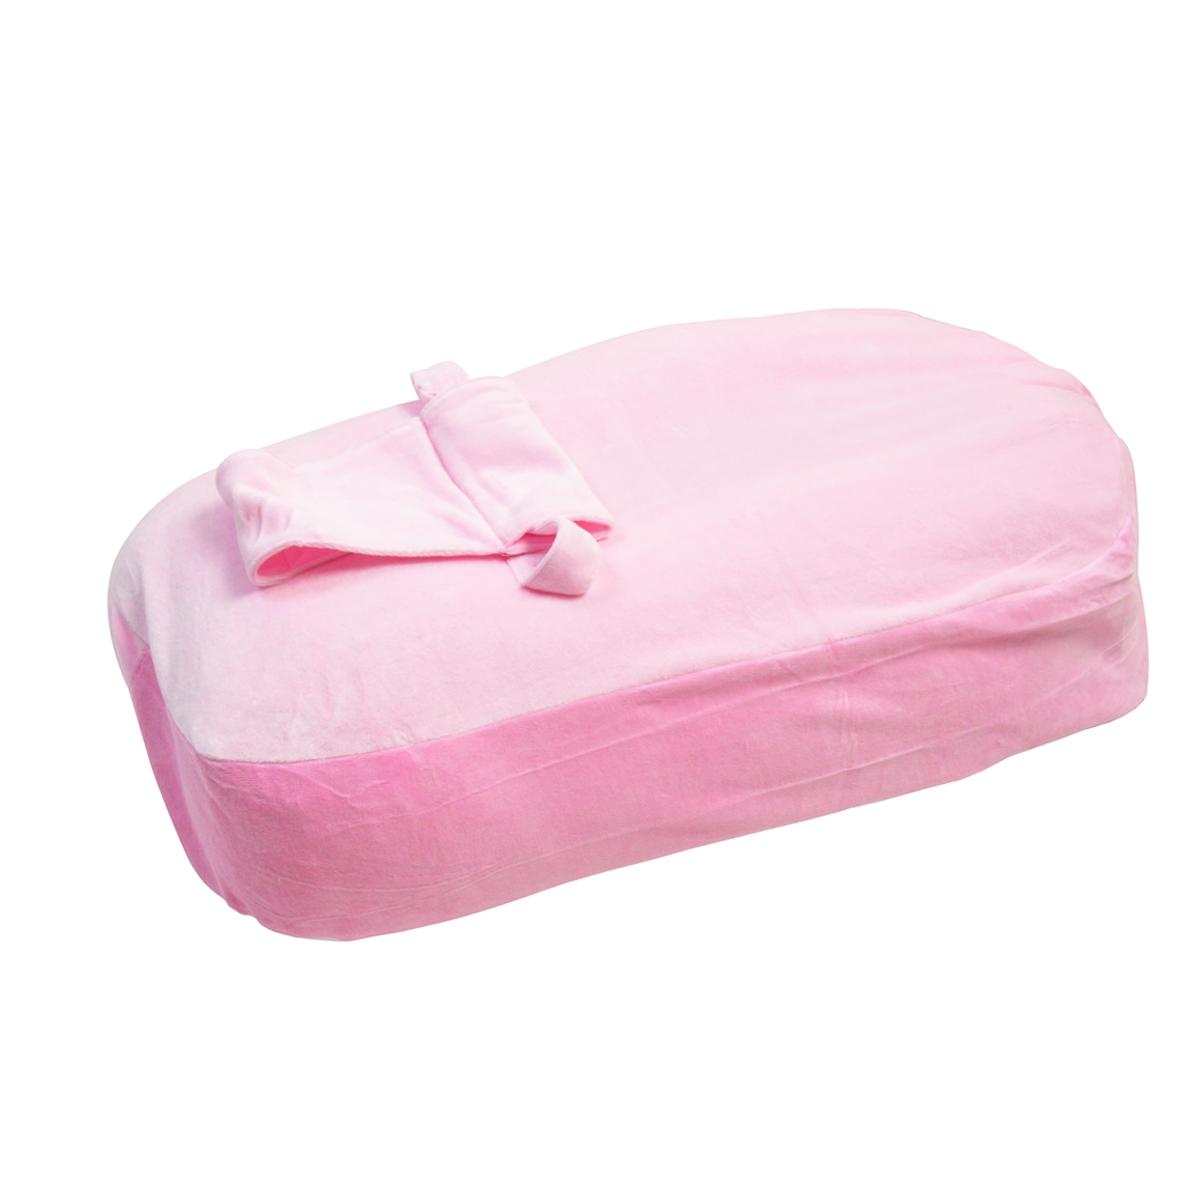 Housse pour coussin d'allaitement rose